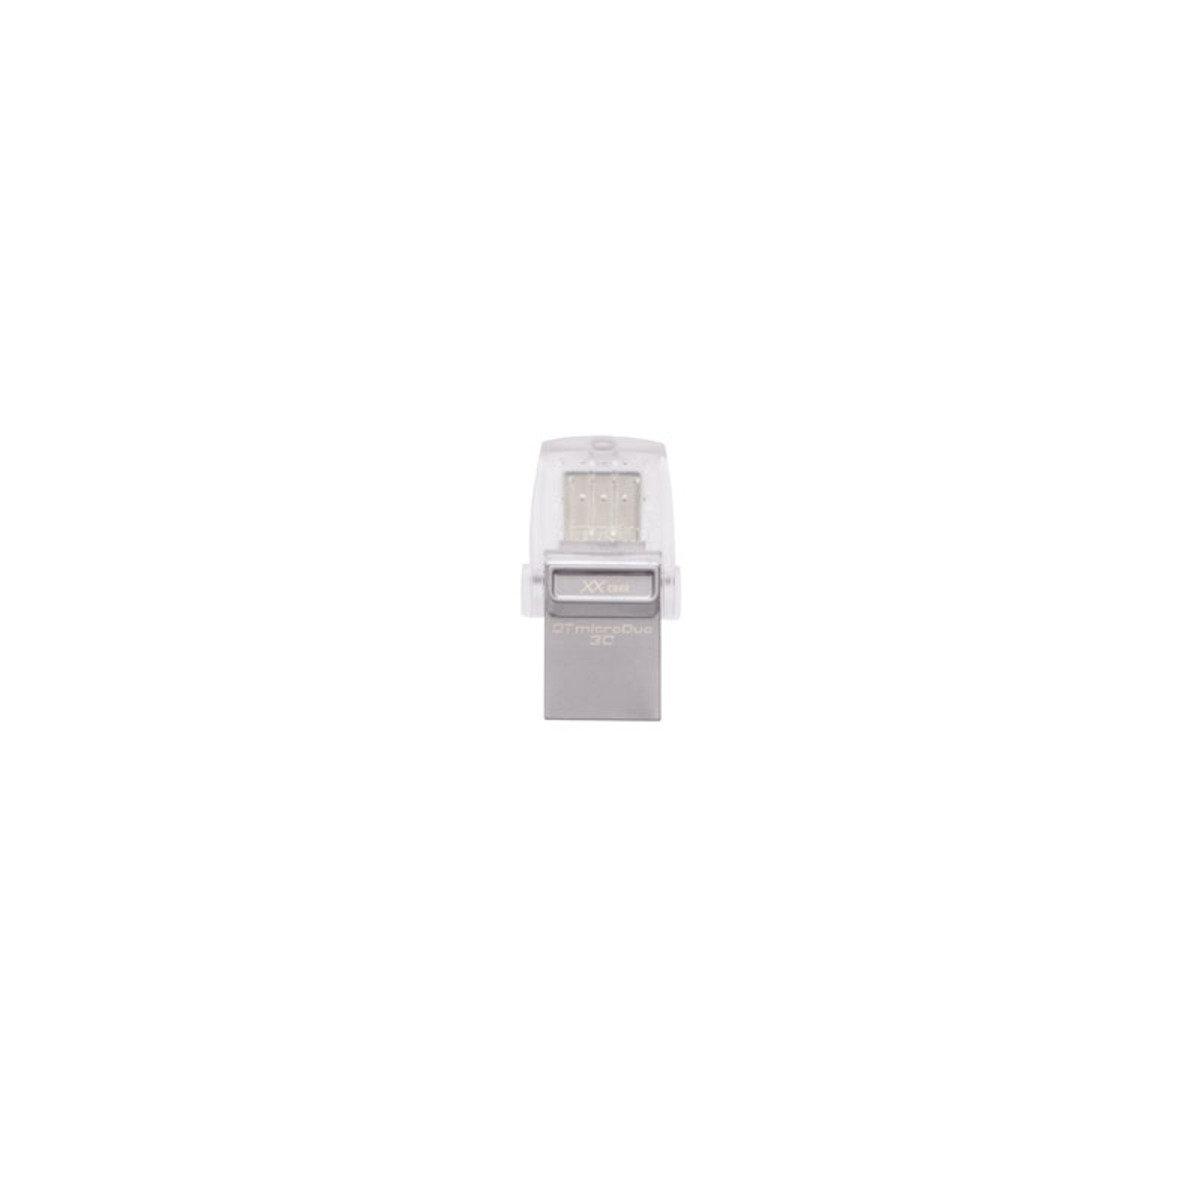 USB3.1 Type-A&C OTG 16GB 迷你雙介面快閃記憶棒 TDTDUO3C/16GB